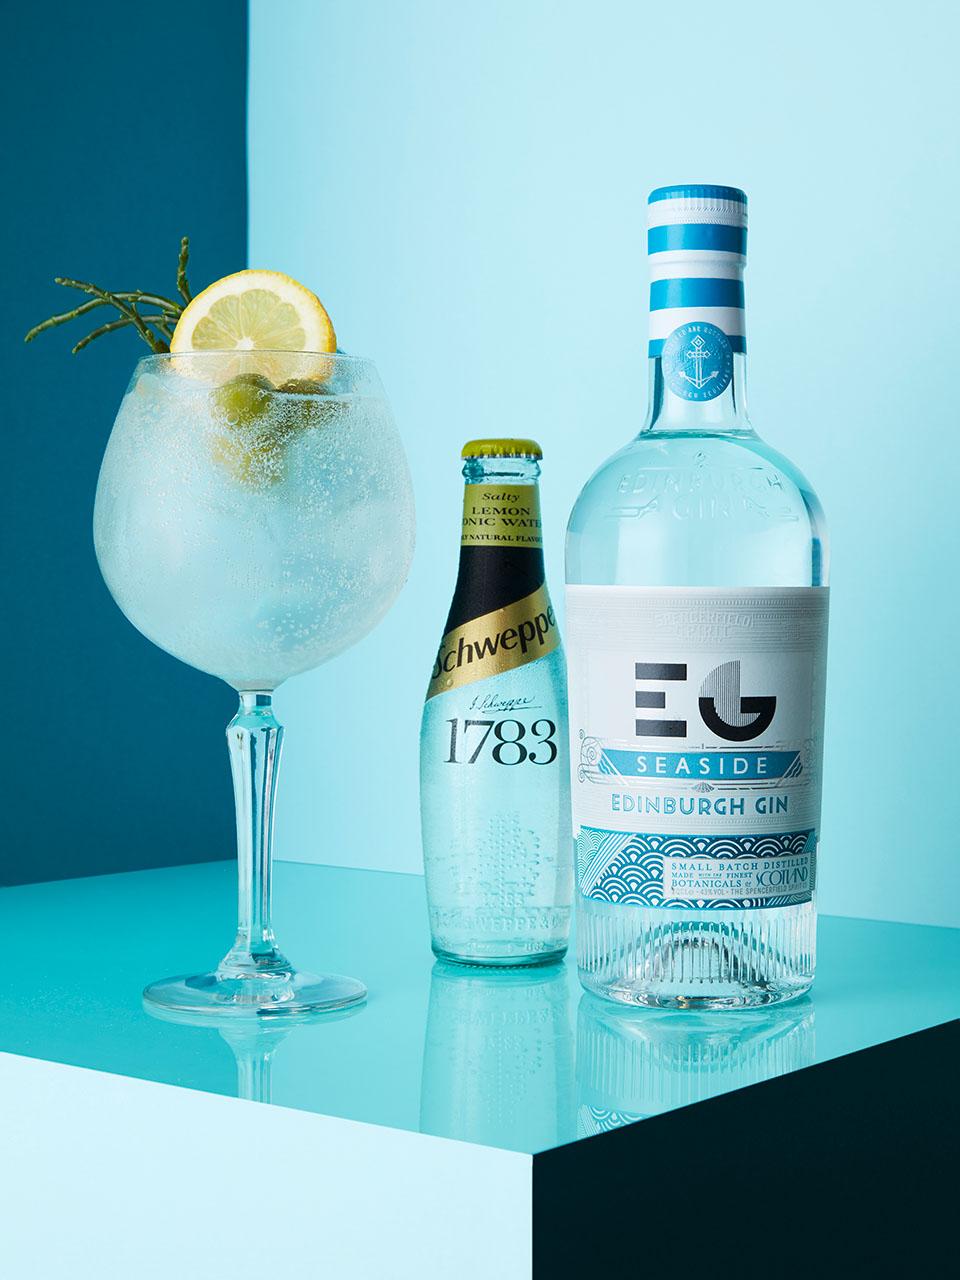 Edinburgh Gin & 17831092 w.jpg